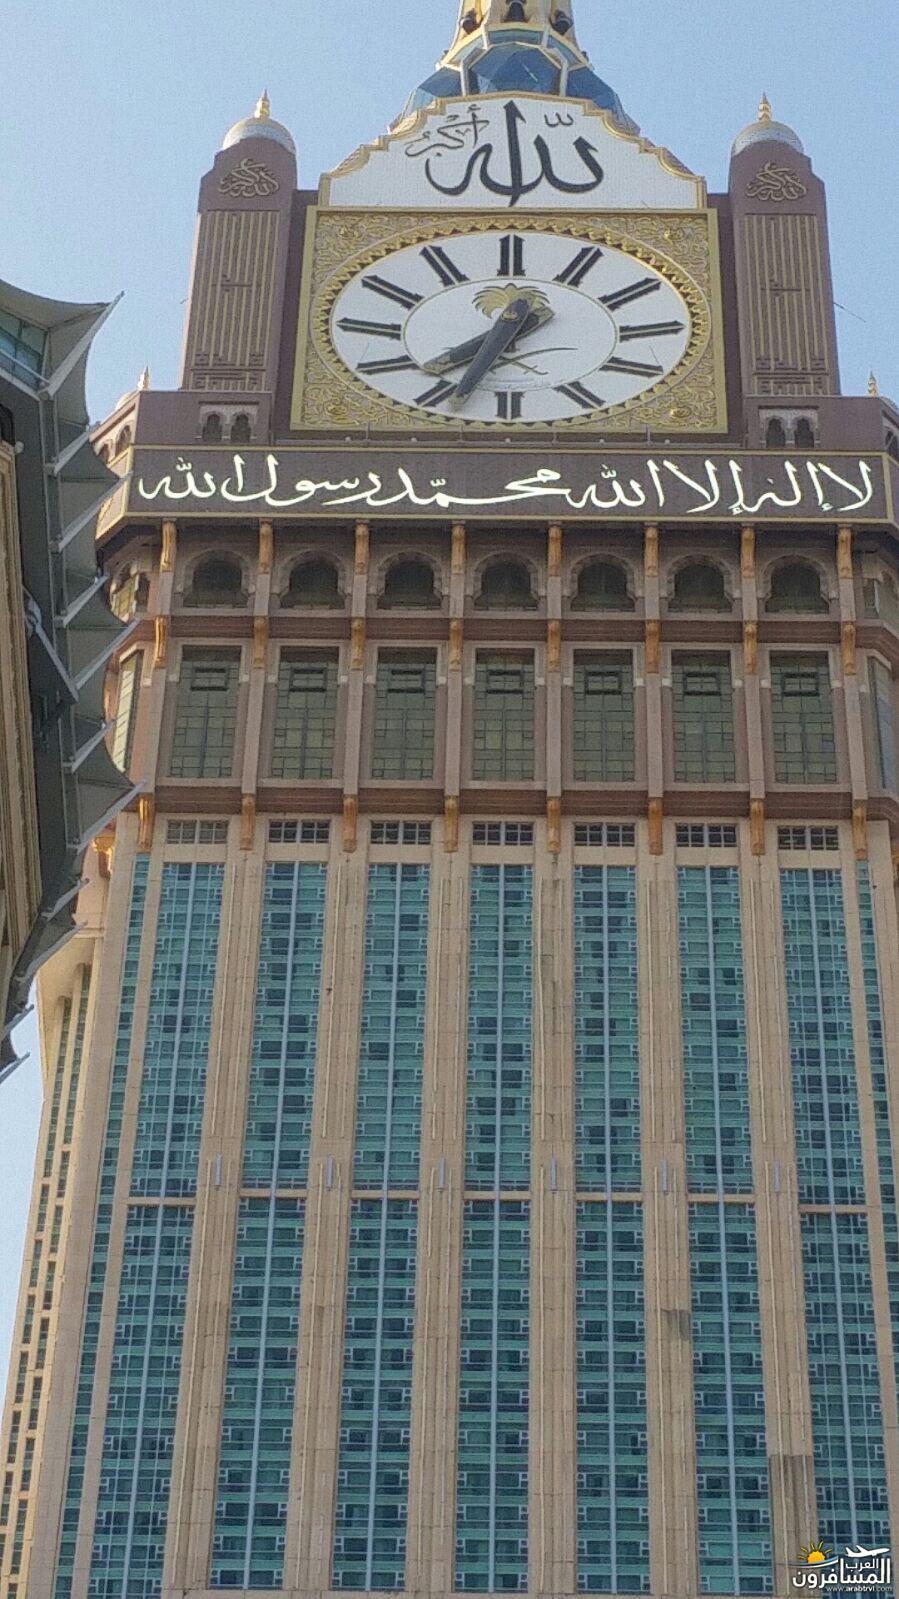 655125 المسافرون العرب نبذة عن الميقات